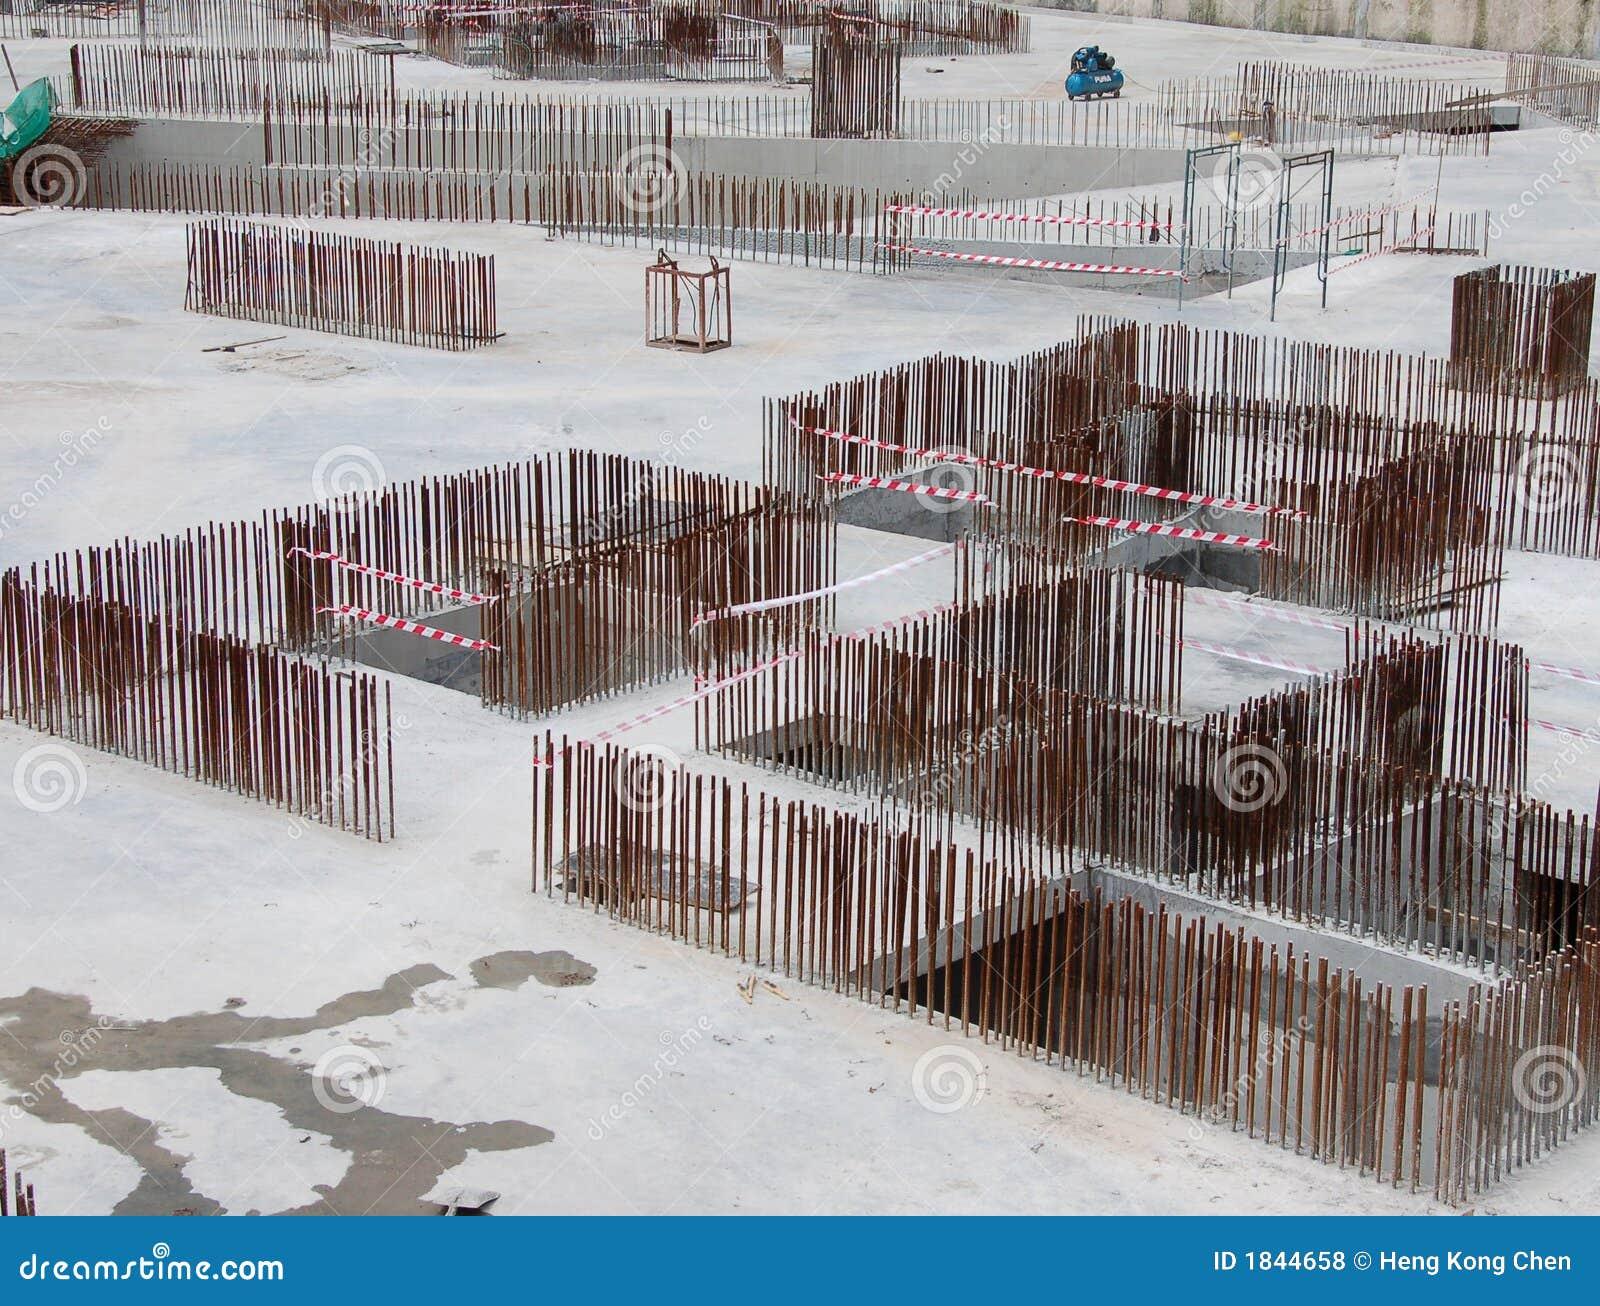 Steel Reinforcement Bars : Steel reinforcement bars stock photo image of foundation